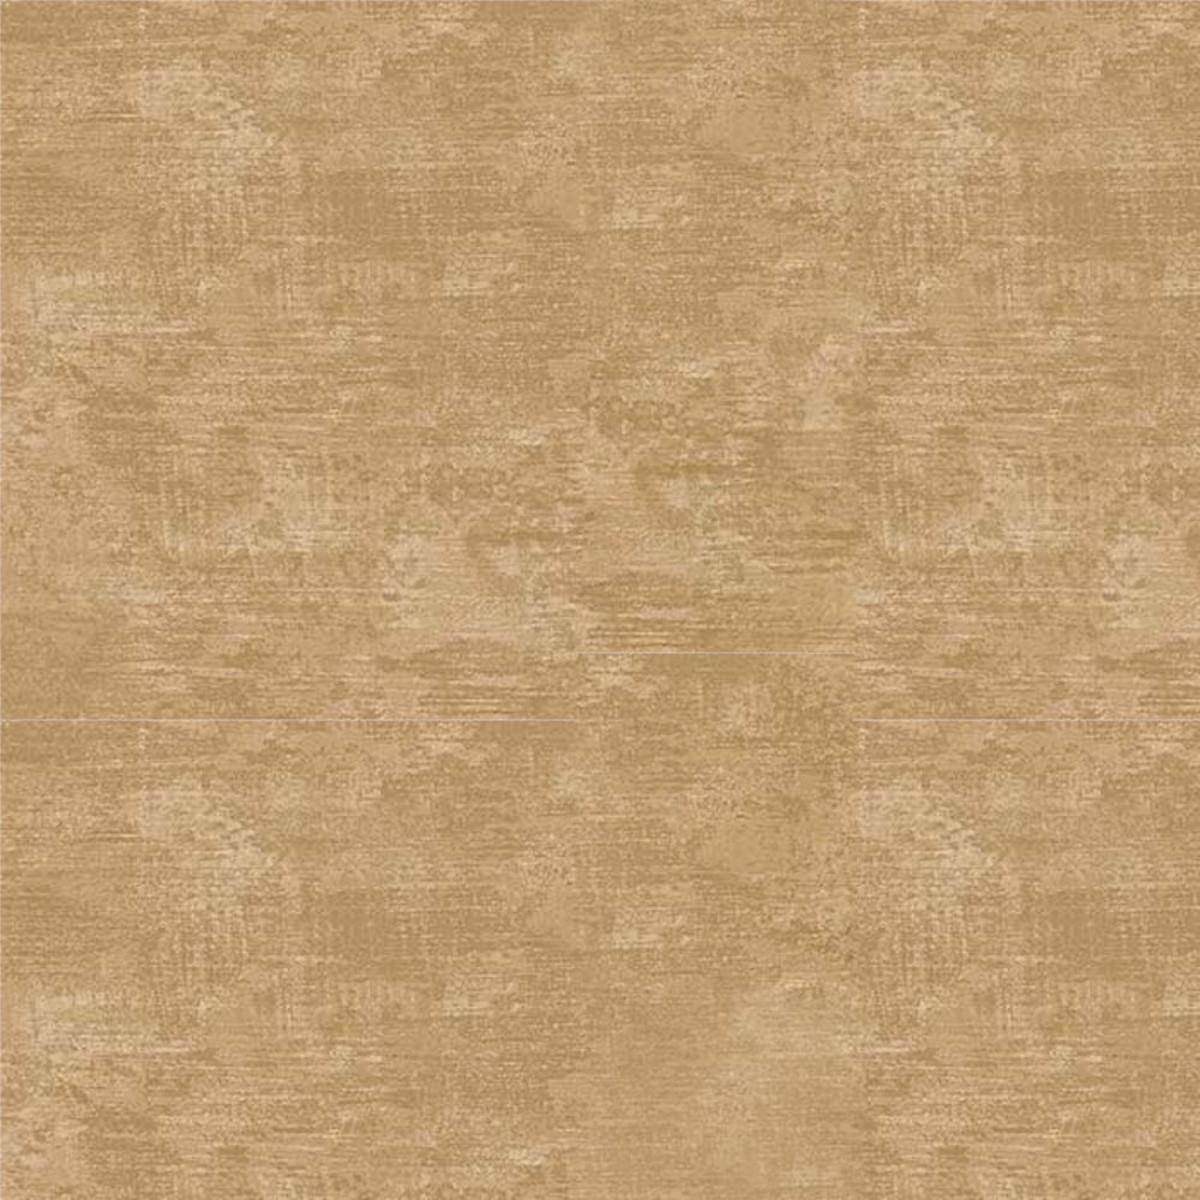 Обои виниловые Gaenari коричневые 1.06 м 82049-7